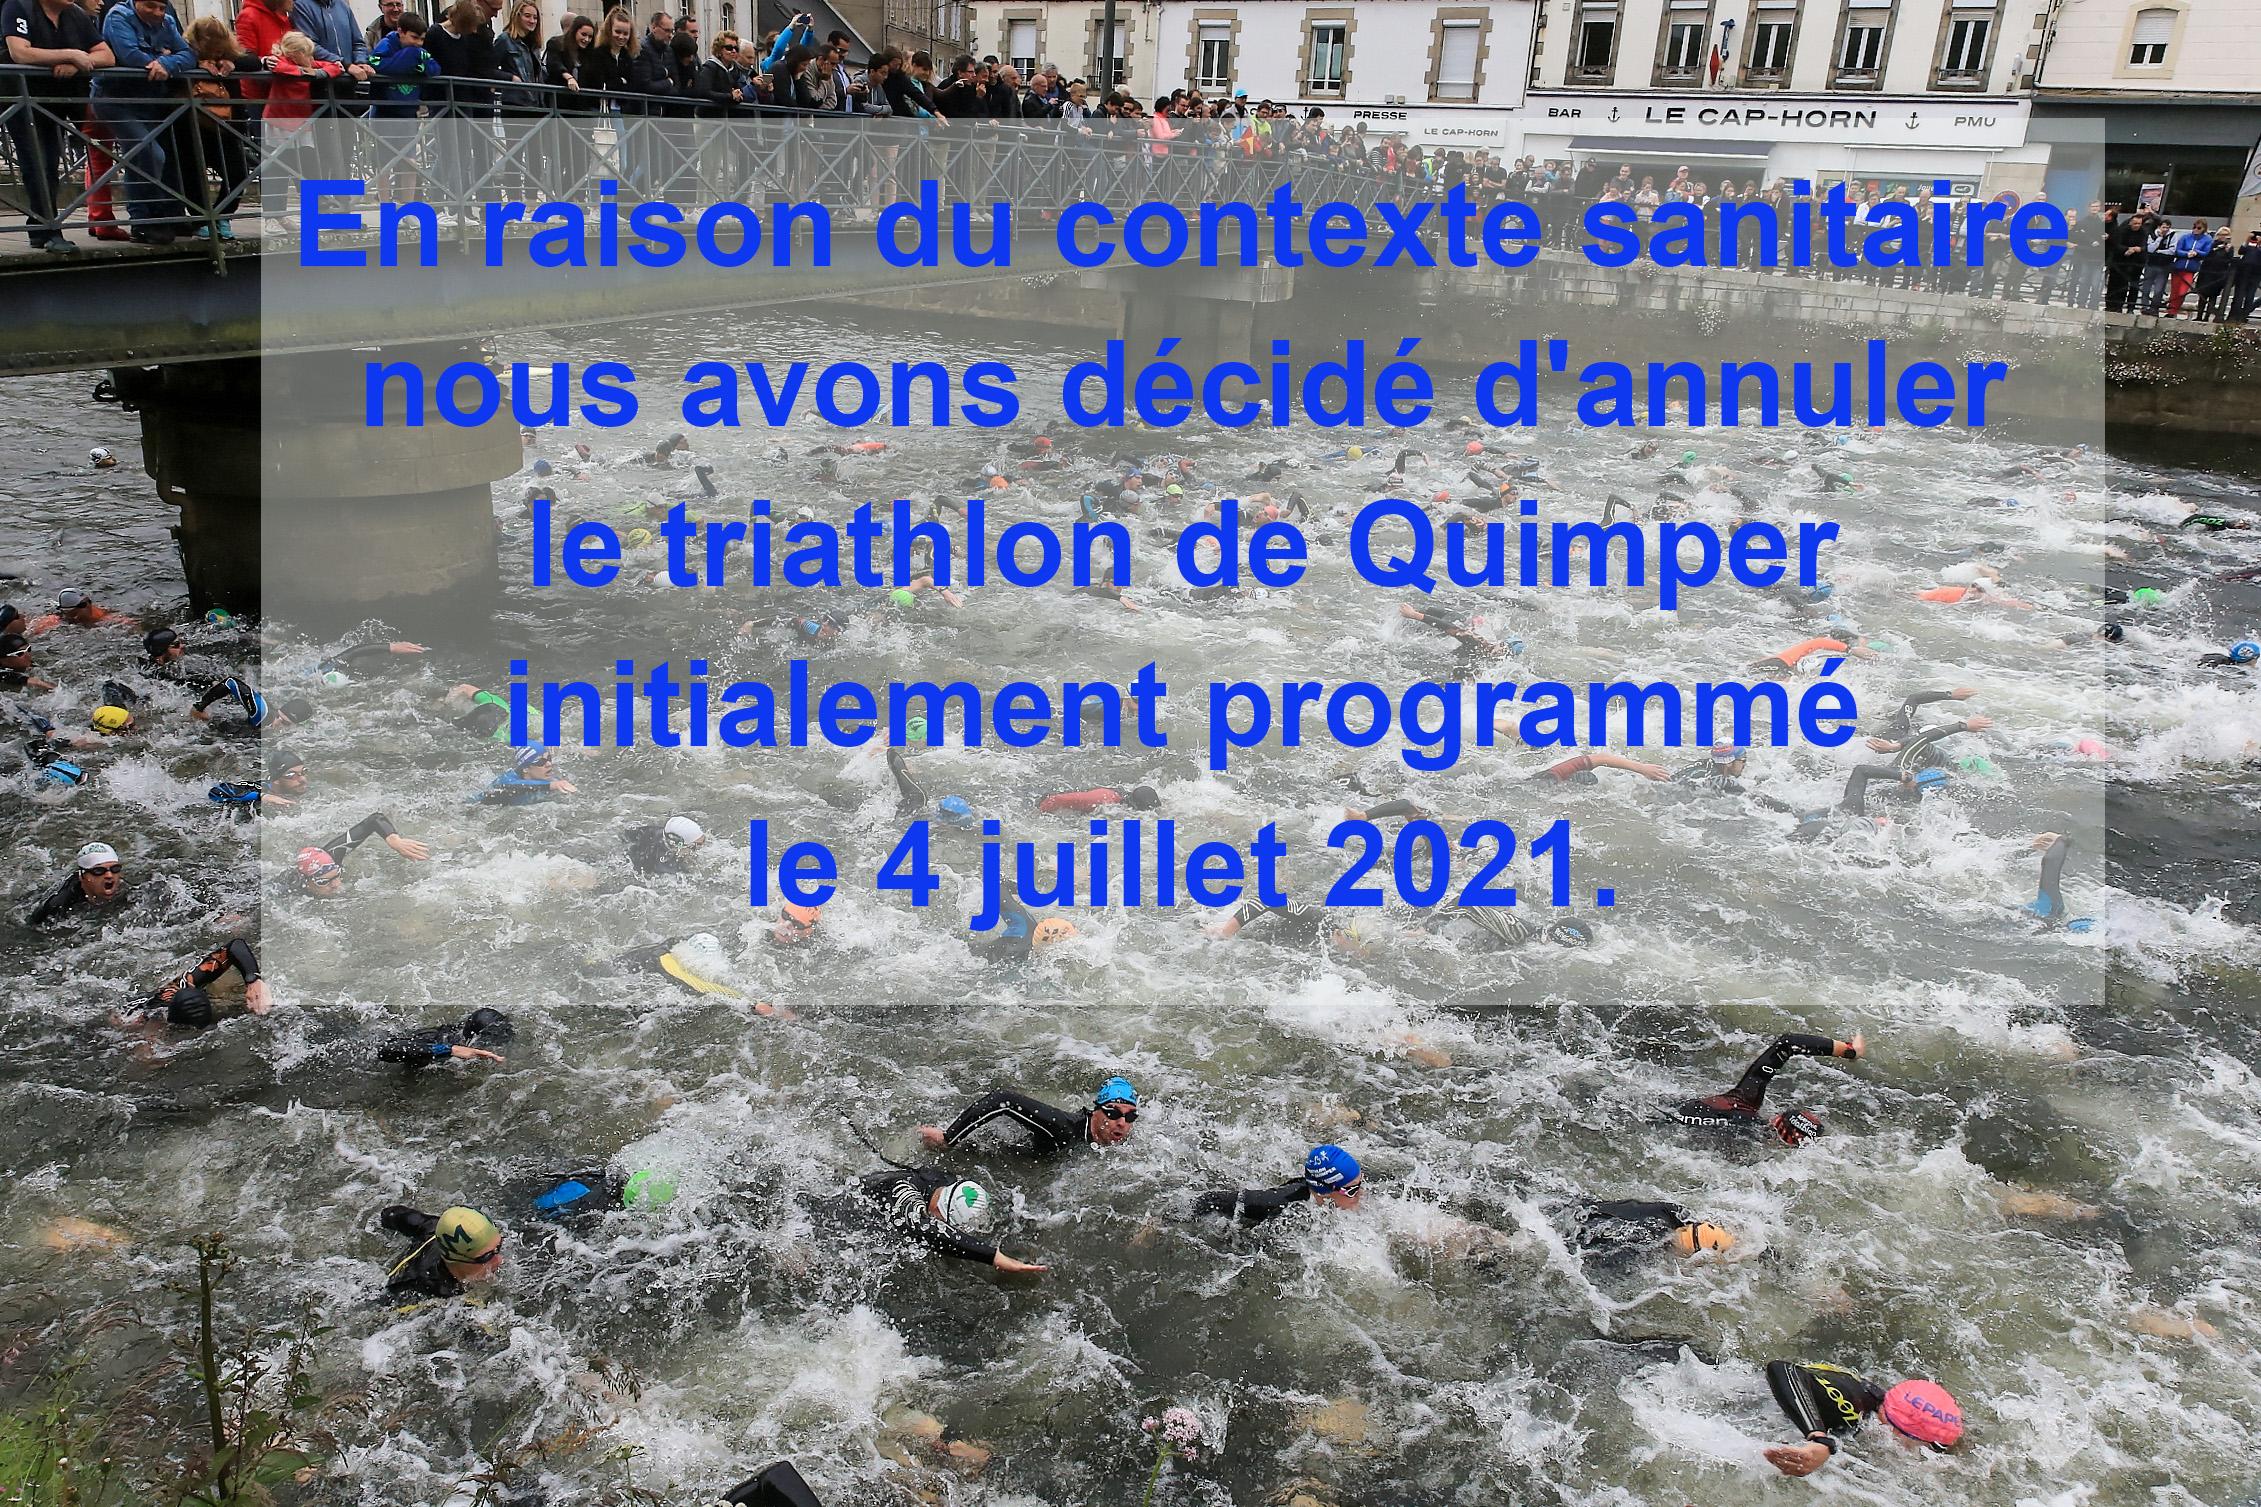 Annulation du triathlon de Quimper le 4 juillet 2021